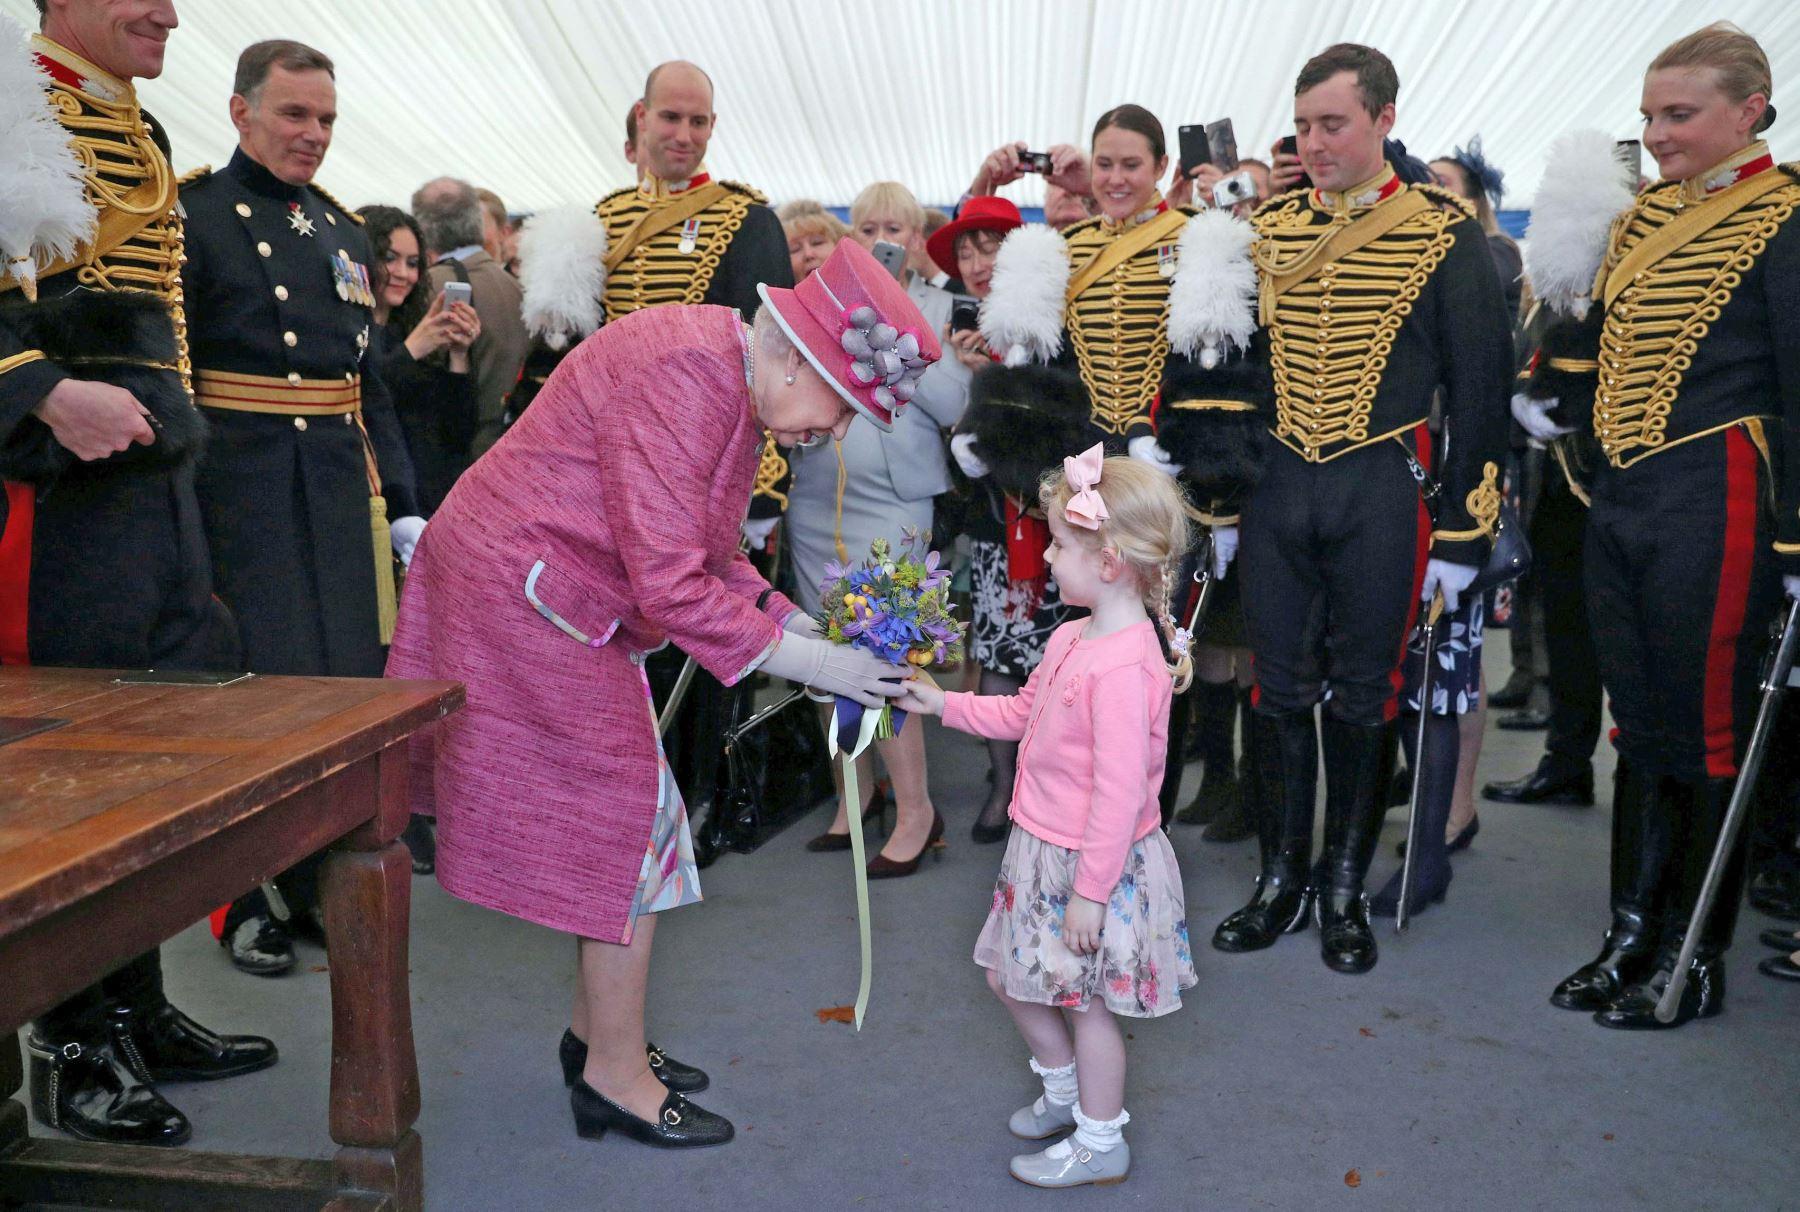 La reina Isabel II de Gran Bretaña recibe un ramillete en el 70 aniversario en Hyde Park, en el centro de Londres. Foto: AFP